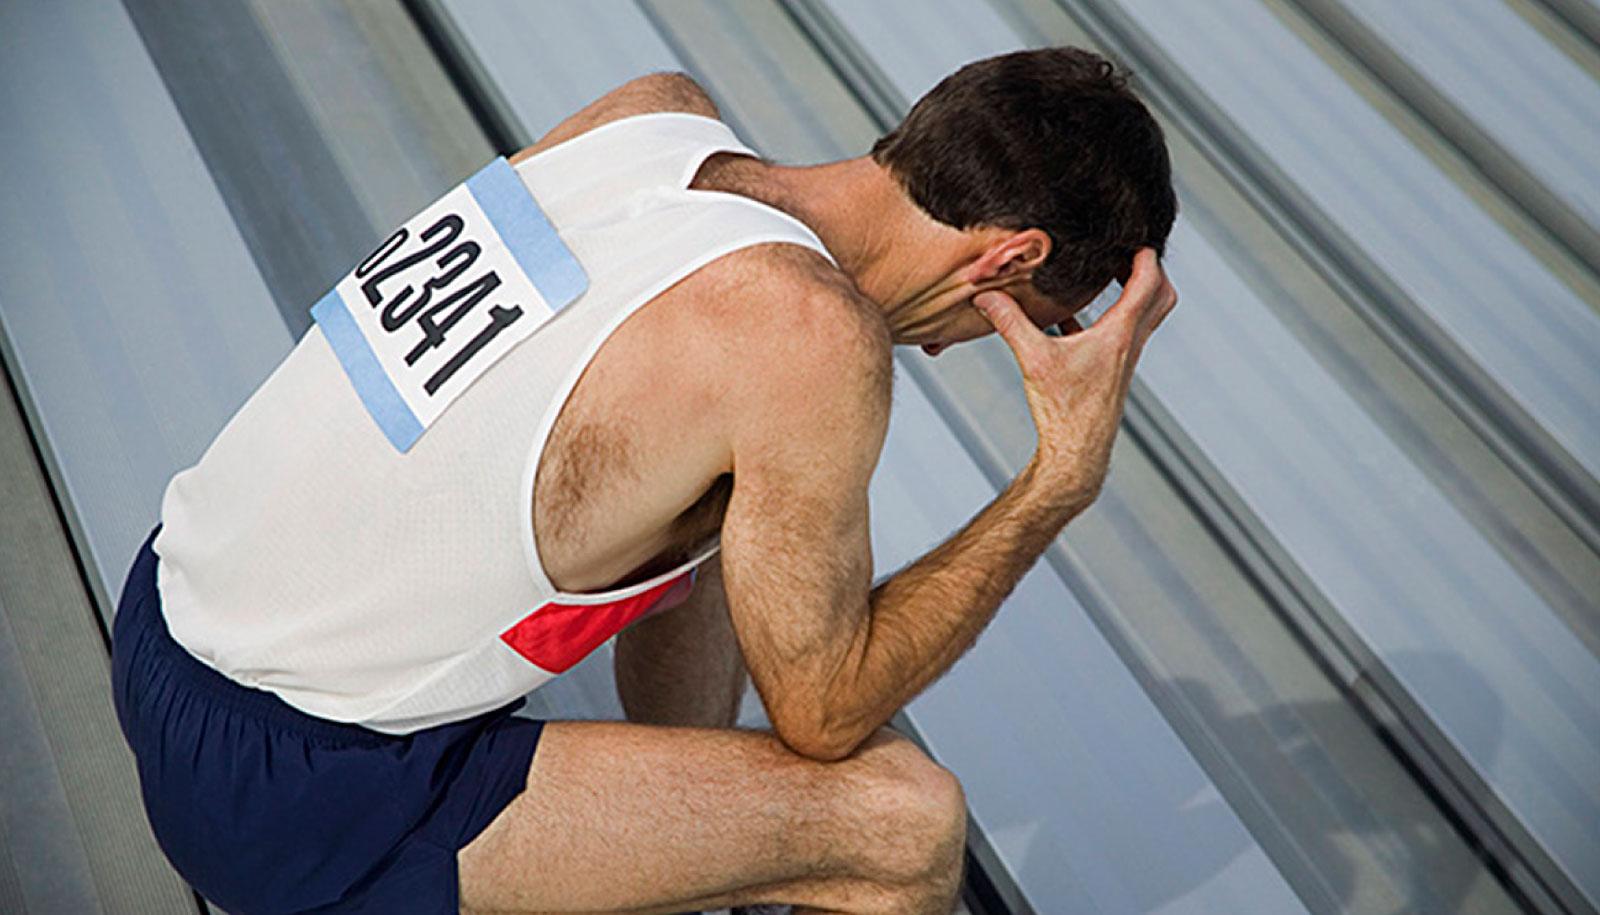 La ansiedad y la importancia de la psicomotricidad y la actividad física